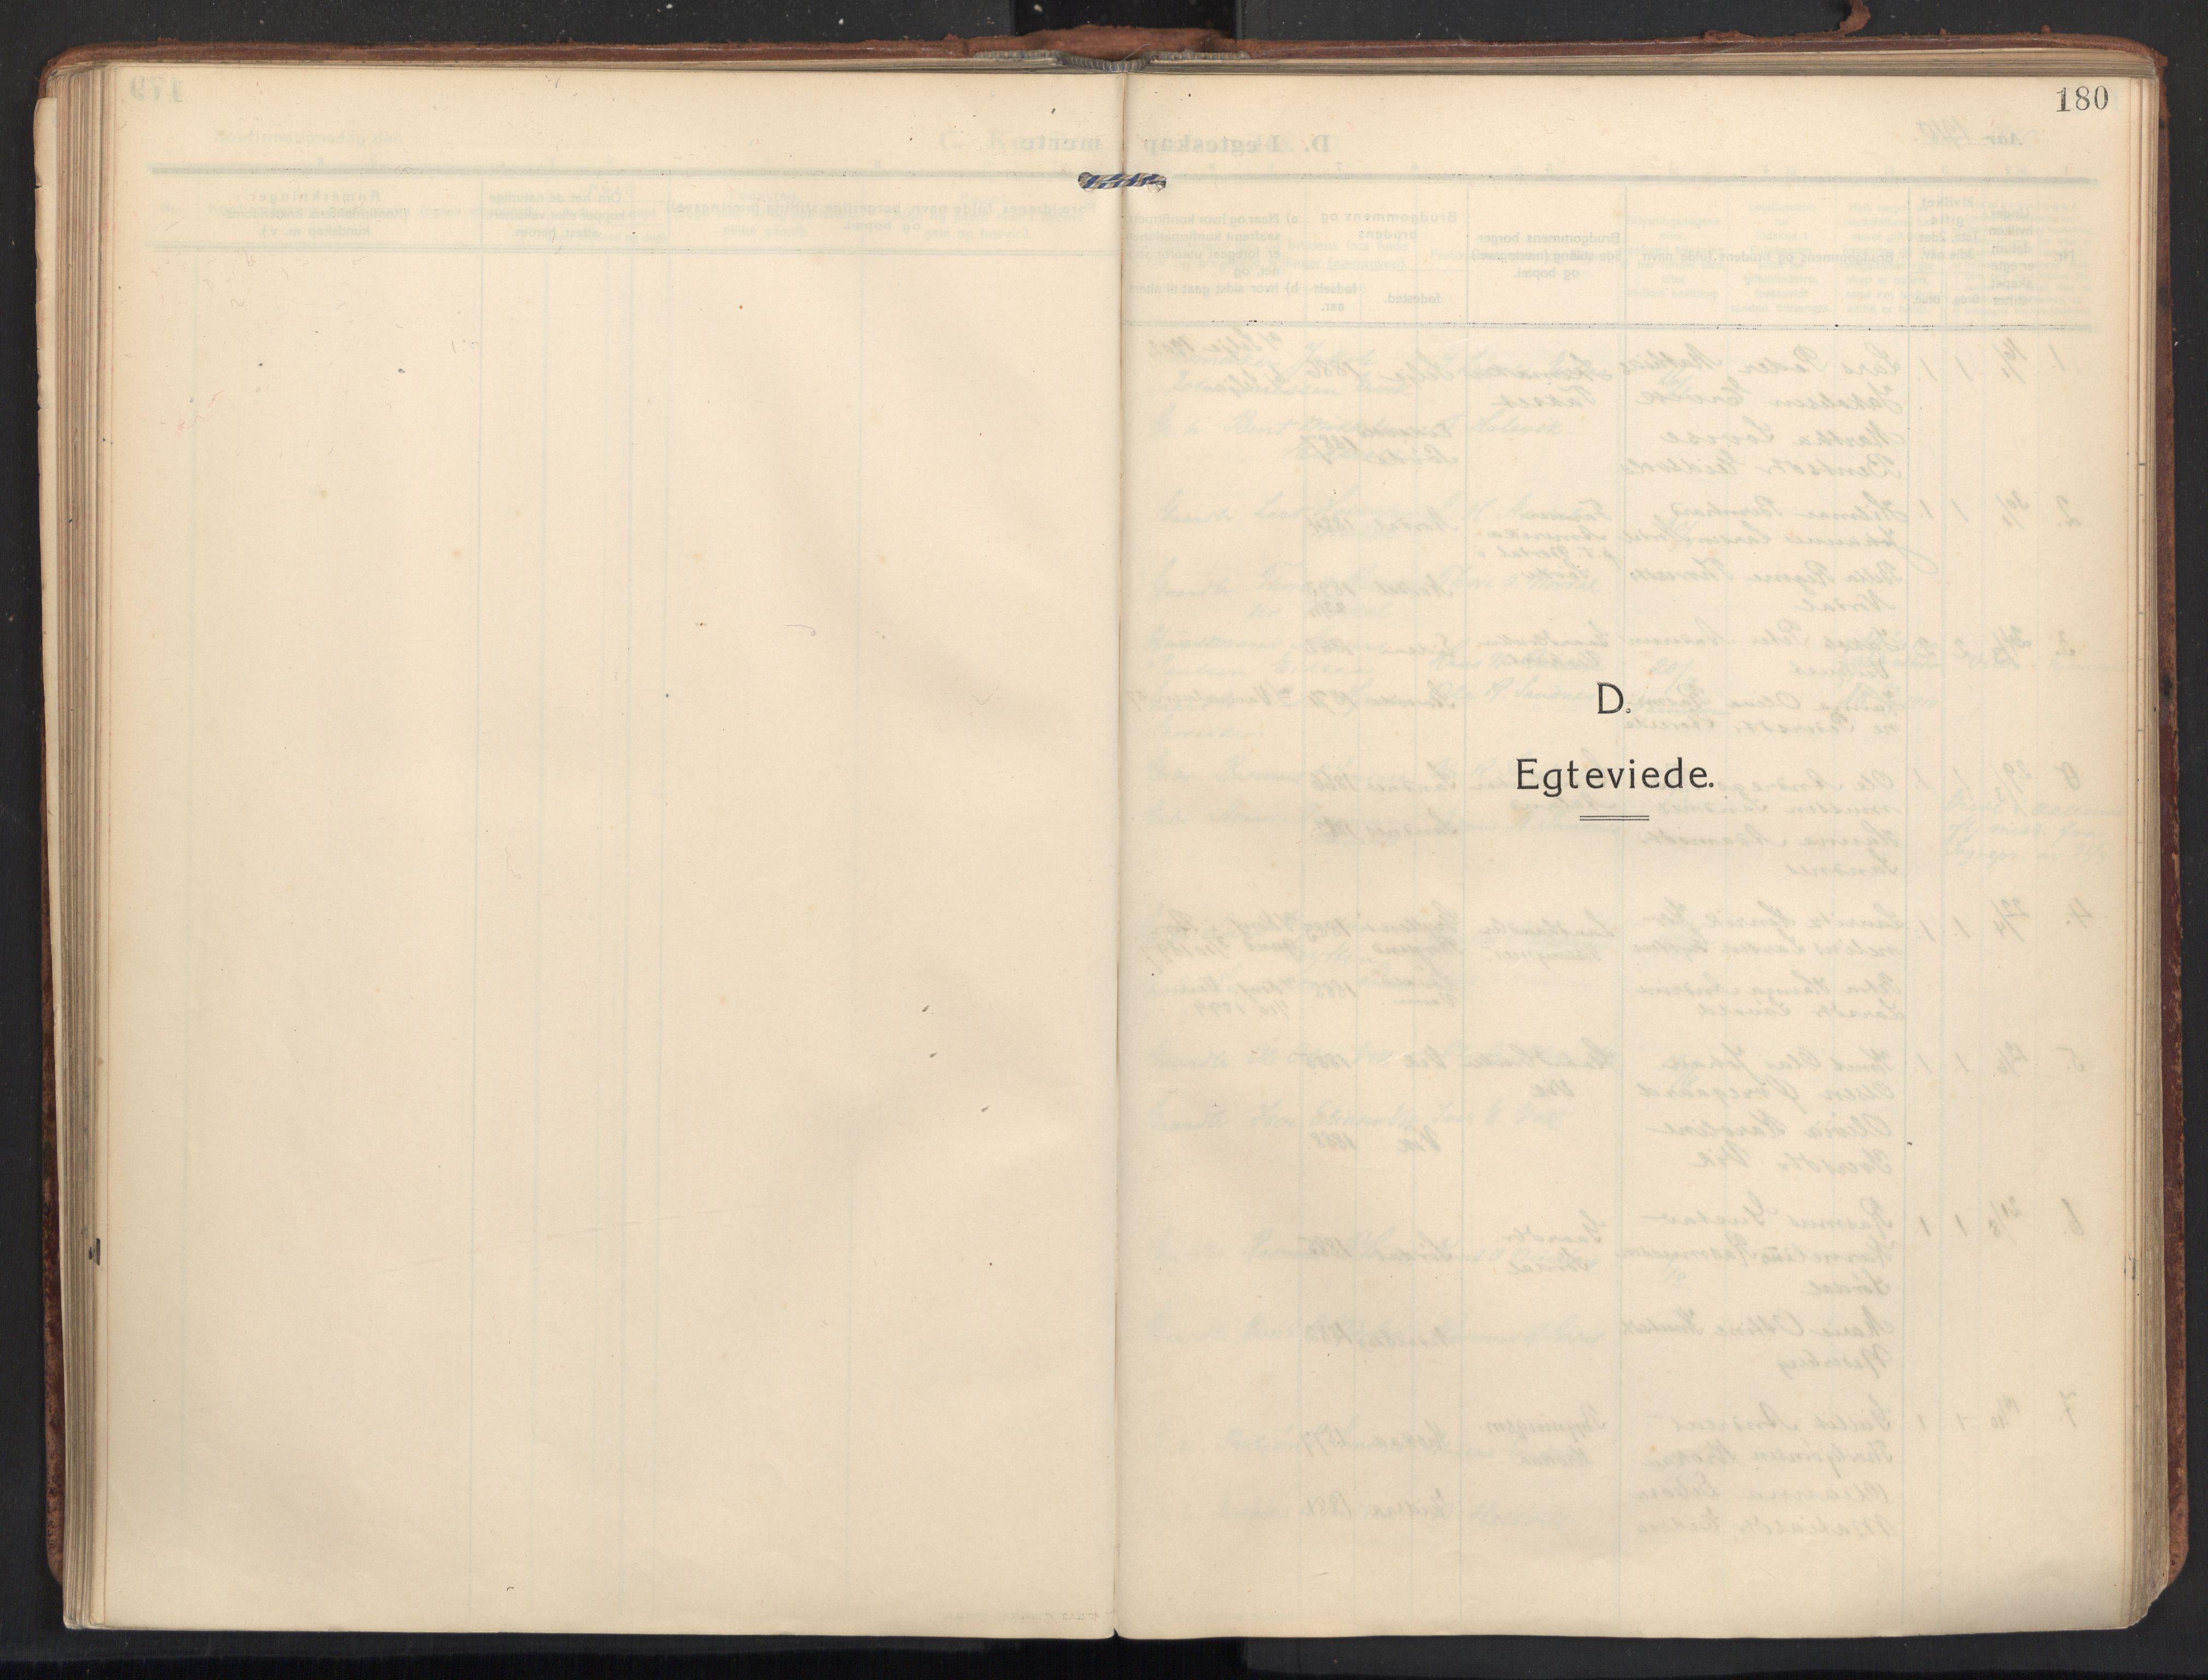 SAT, Ministerialprotokoller, klokkerbøker og fødselsregistre - Møre og Romsdal, 502/L0026: Ministerialbok nr. 502A04, 1909-1933, s. 180